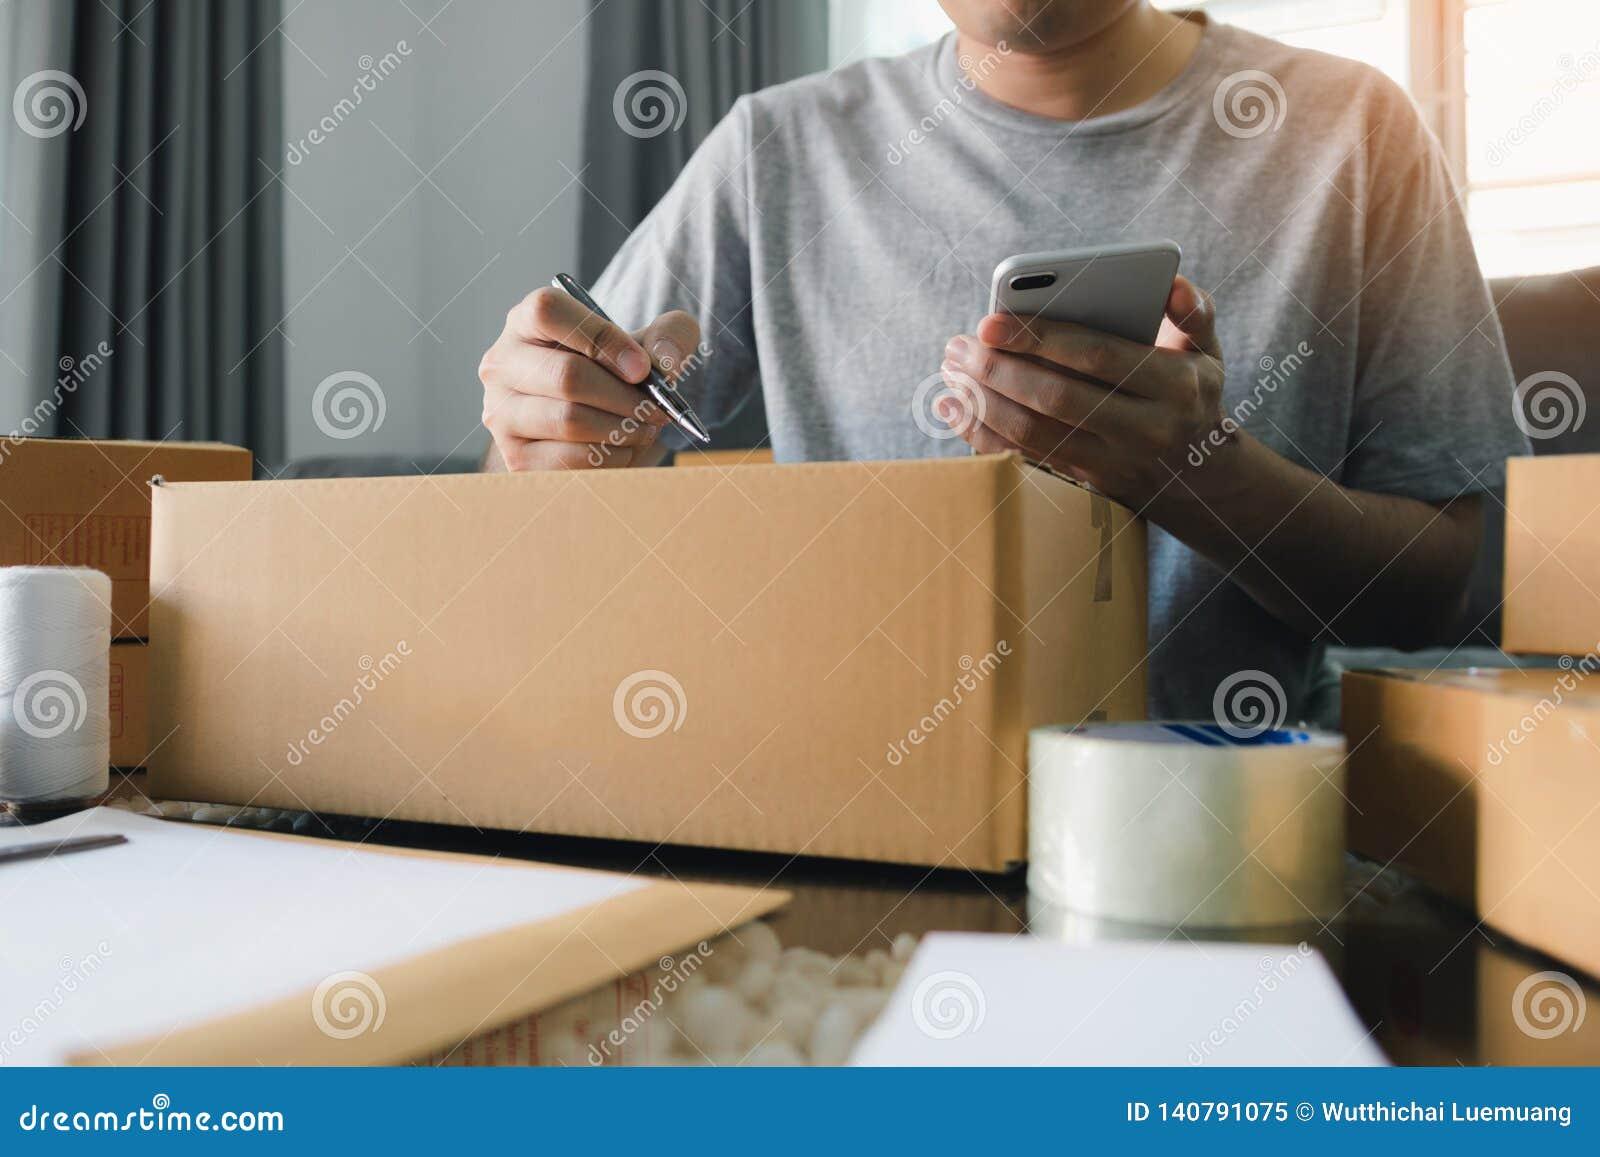 Jonge Aziatische mensen bedrijfseigenaarhanden die adres op kartondoos schrijven op werkplaats of huiskantoor